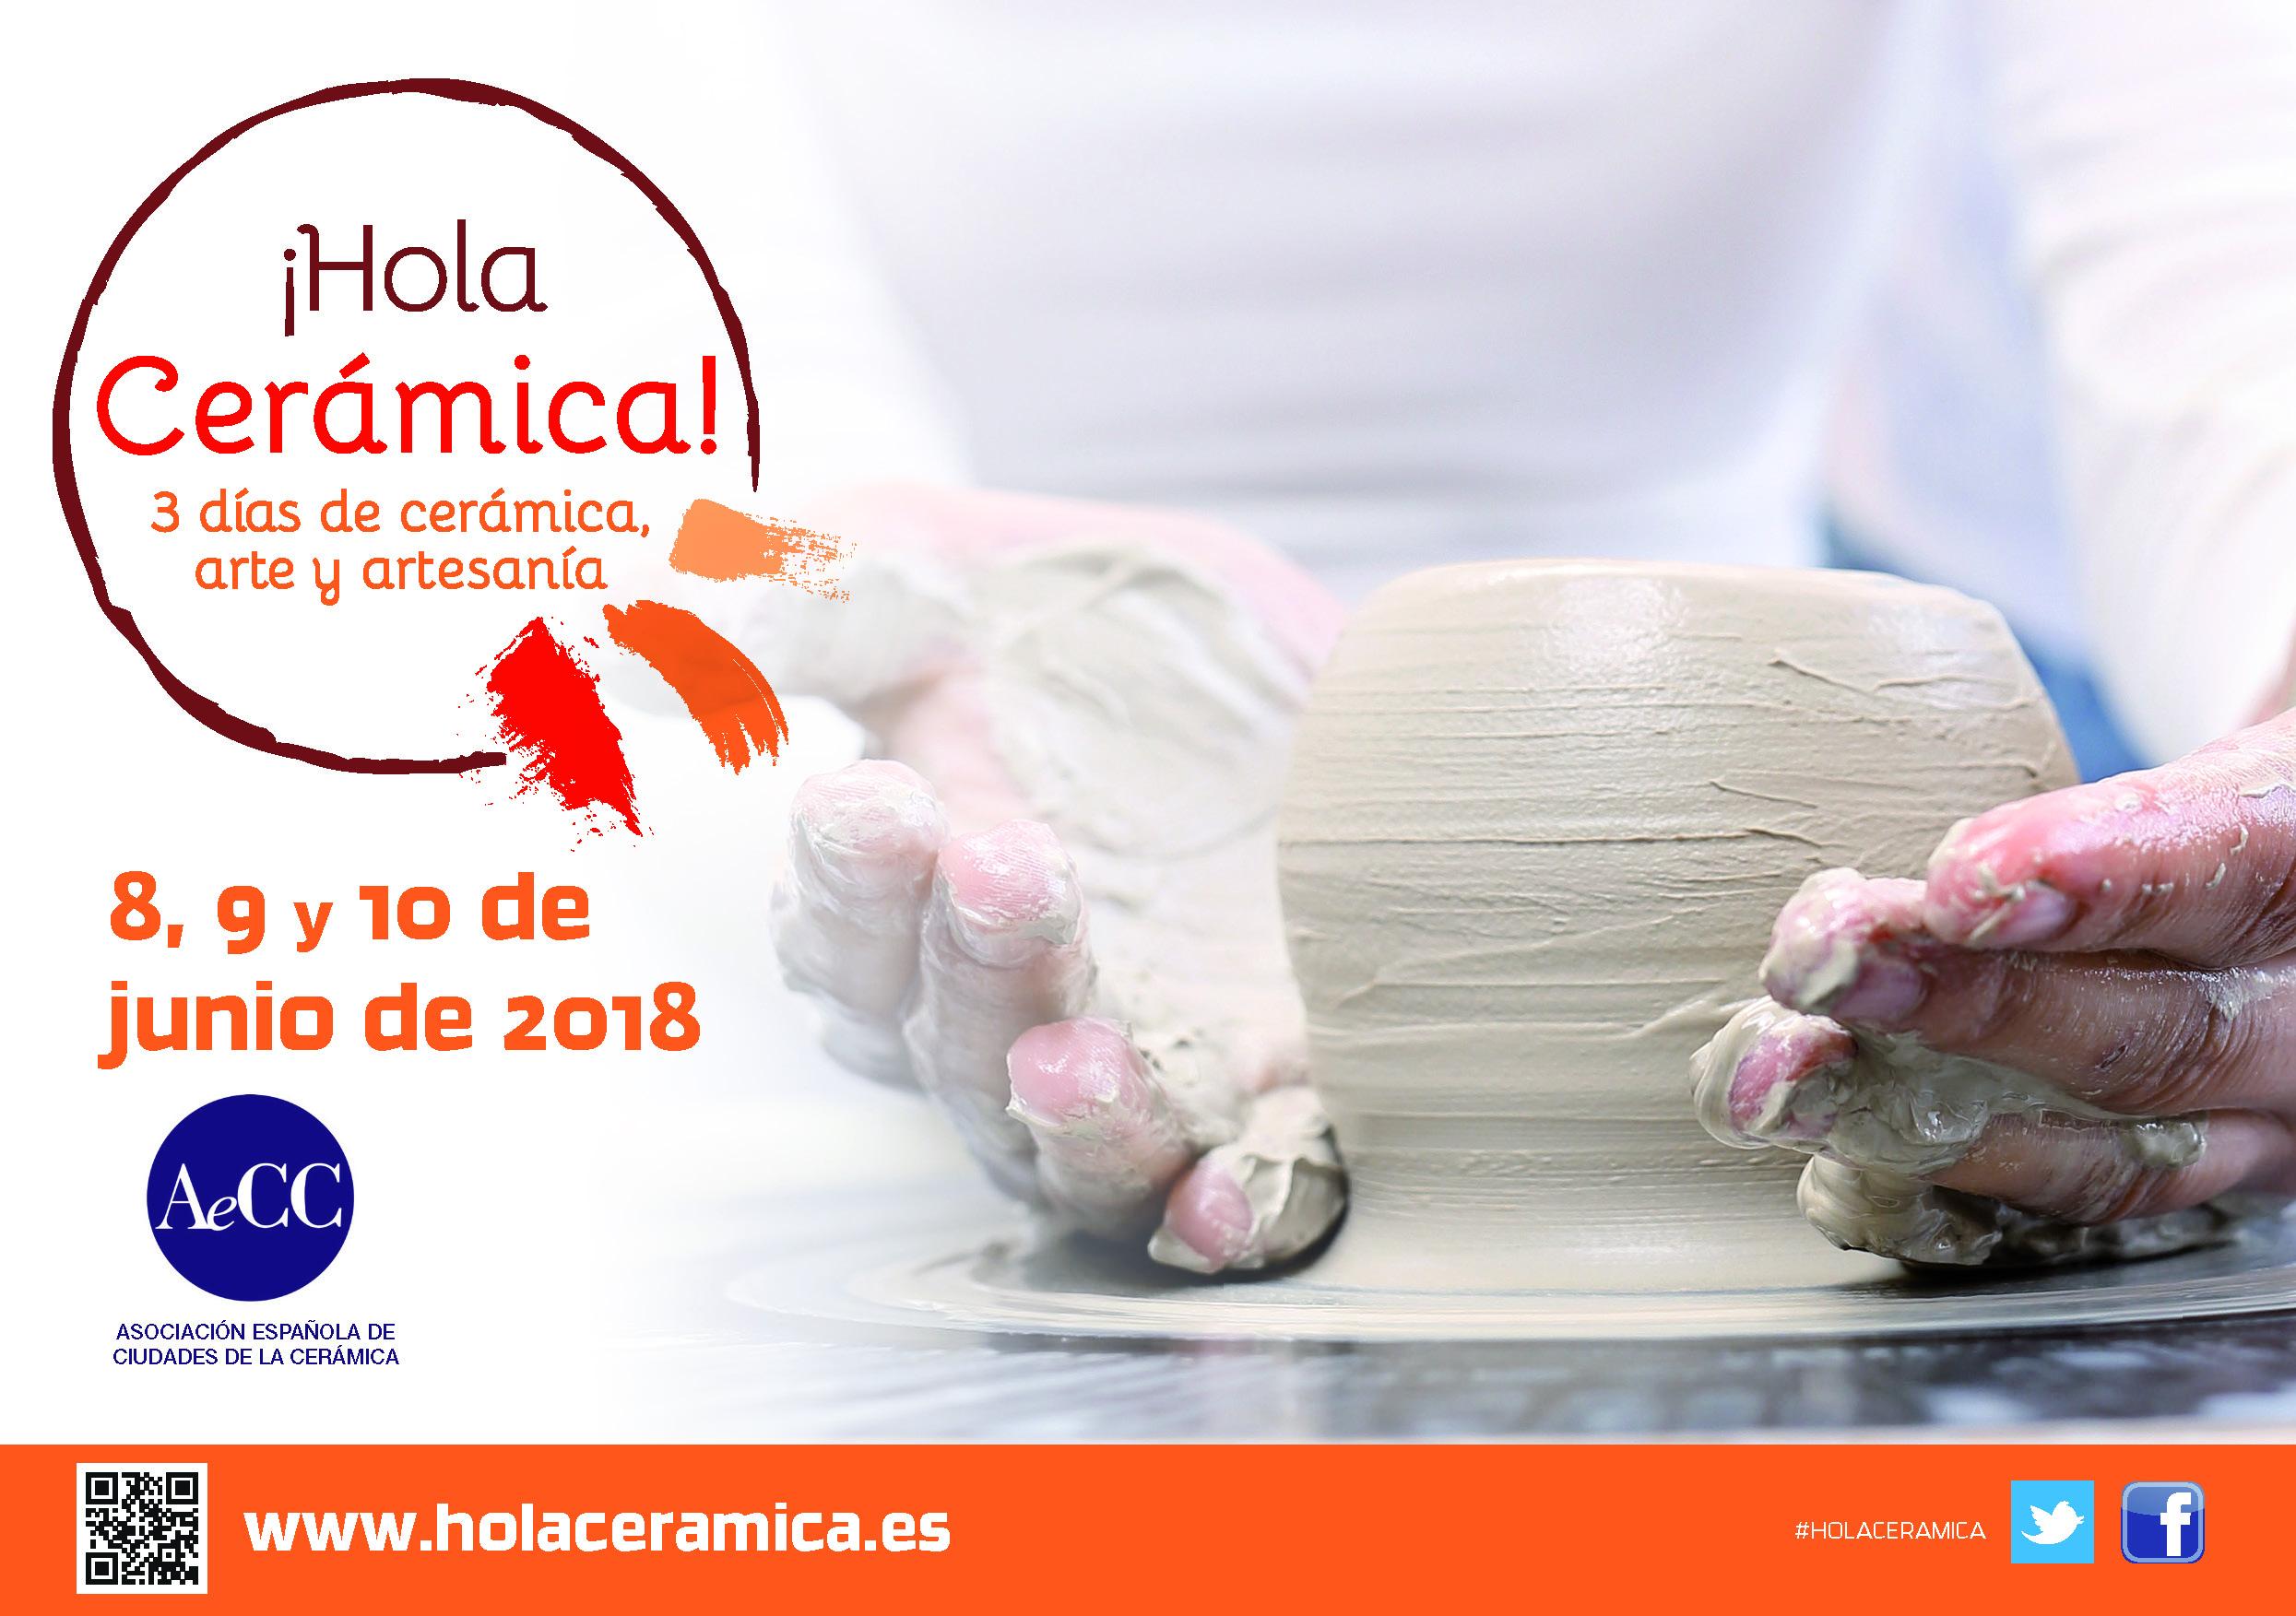 ¡HOLA CERÁMICA! 3 días de cerámica, arte y artesanía: 8, 9 y 10 de junio